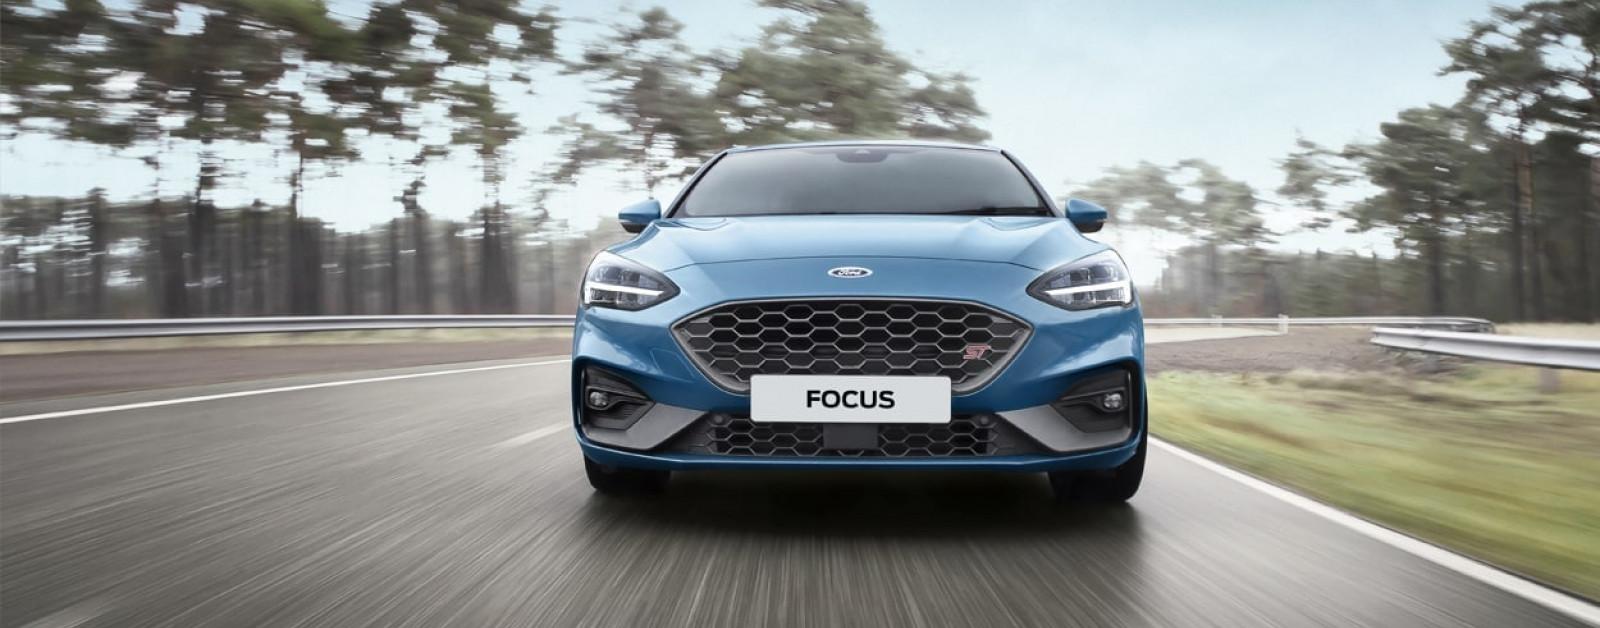 Focus ST